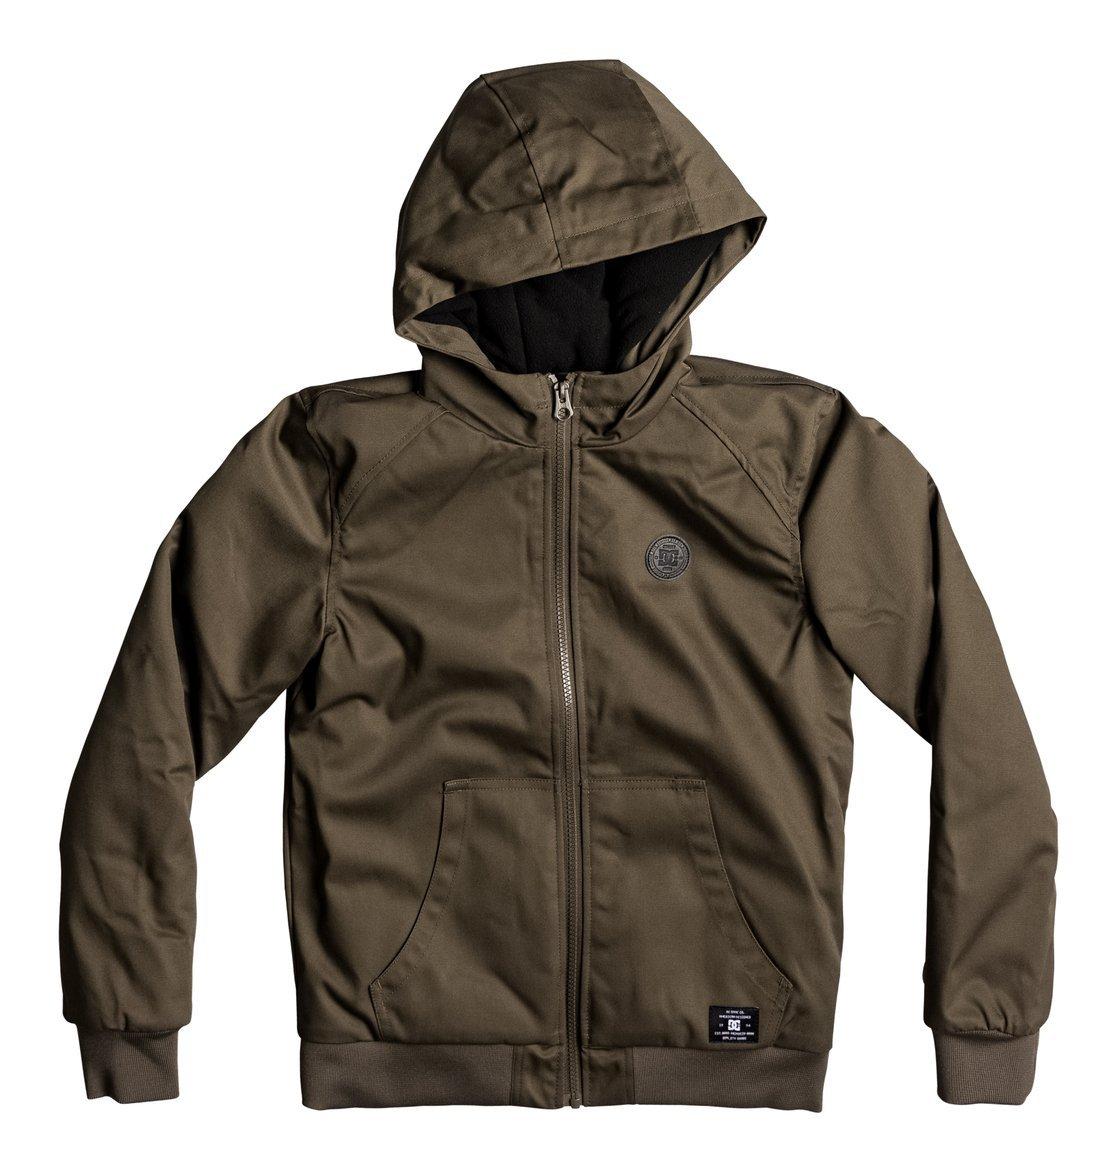 DC Shoes Boy's Ellis Jacket 4Boy Hooded Rain Jacket, boys, ELLIS JACKET 4 BOY DCSA3 #DC Shoes EDBJK03022